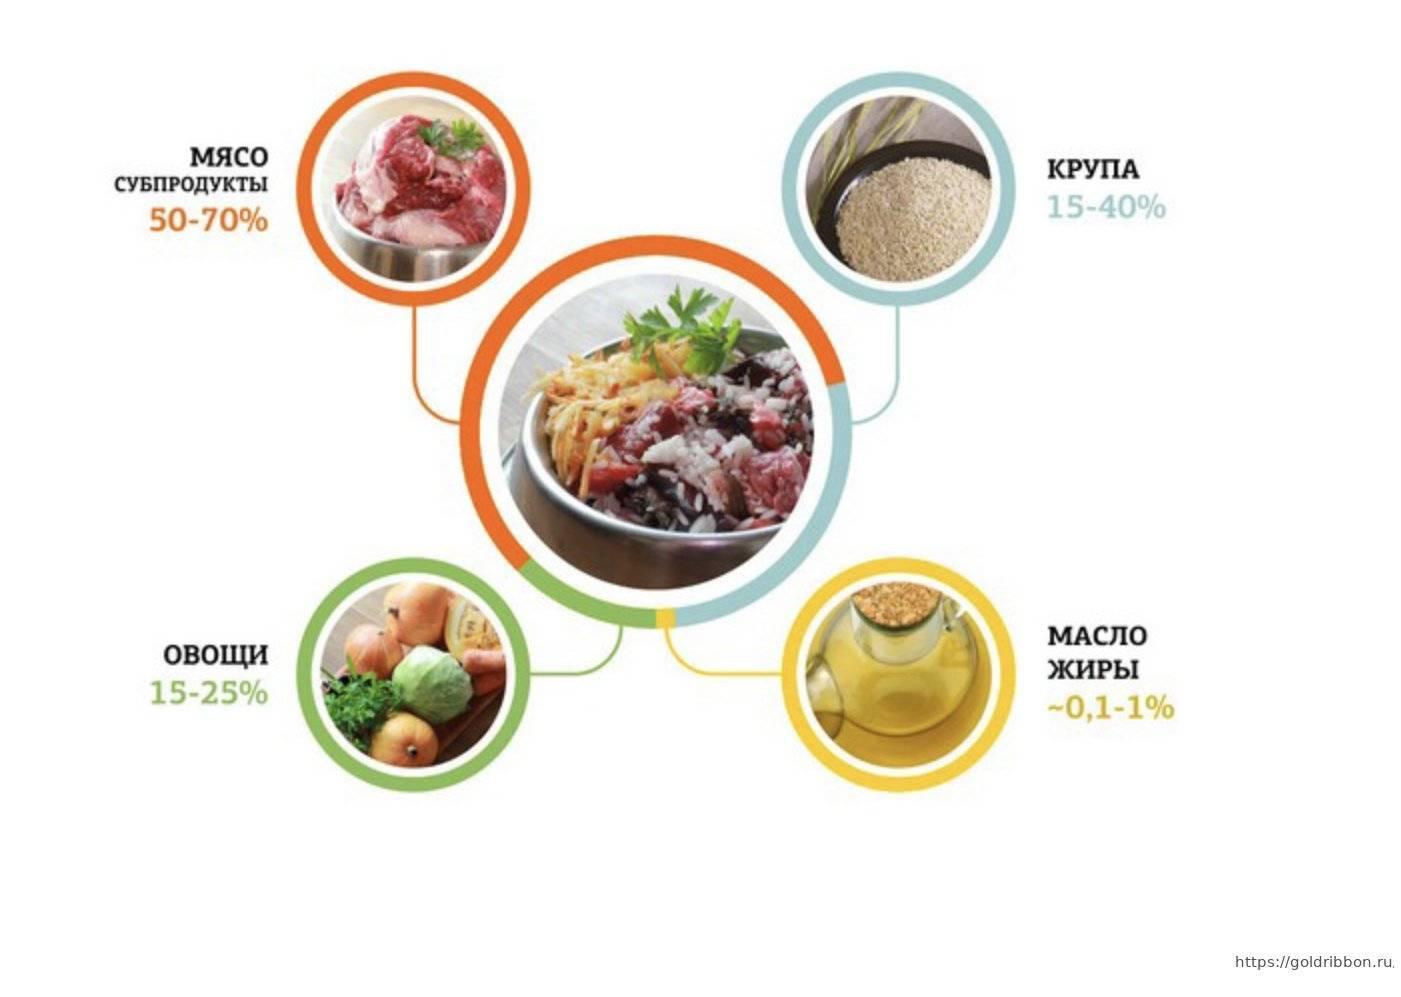 Чем кормить мопса: список разрешенных и запрещенных продуктов, как правильно выбрать корм, питание для щенков и взрослых собак